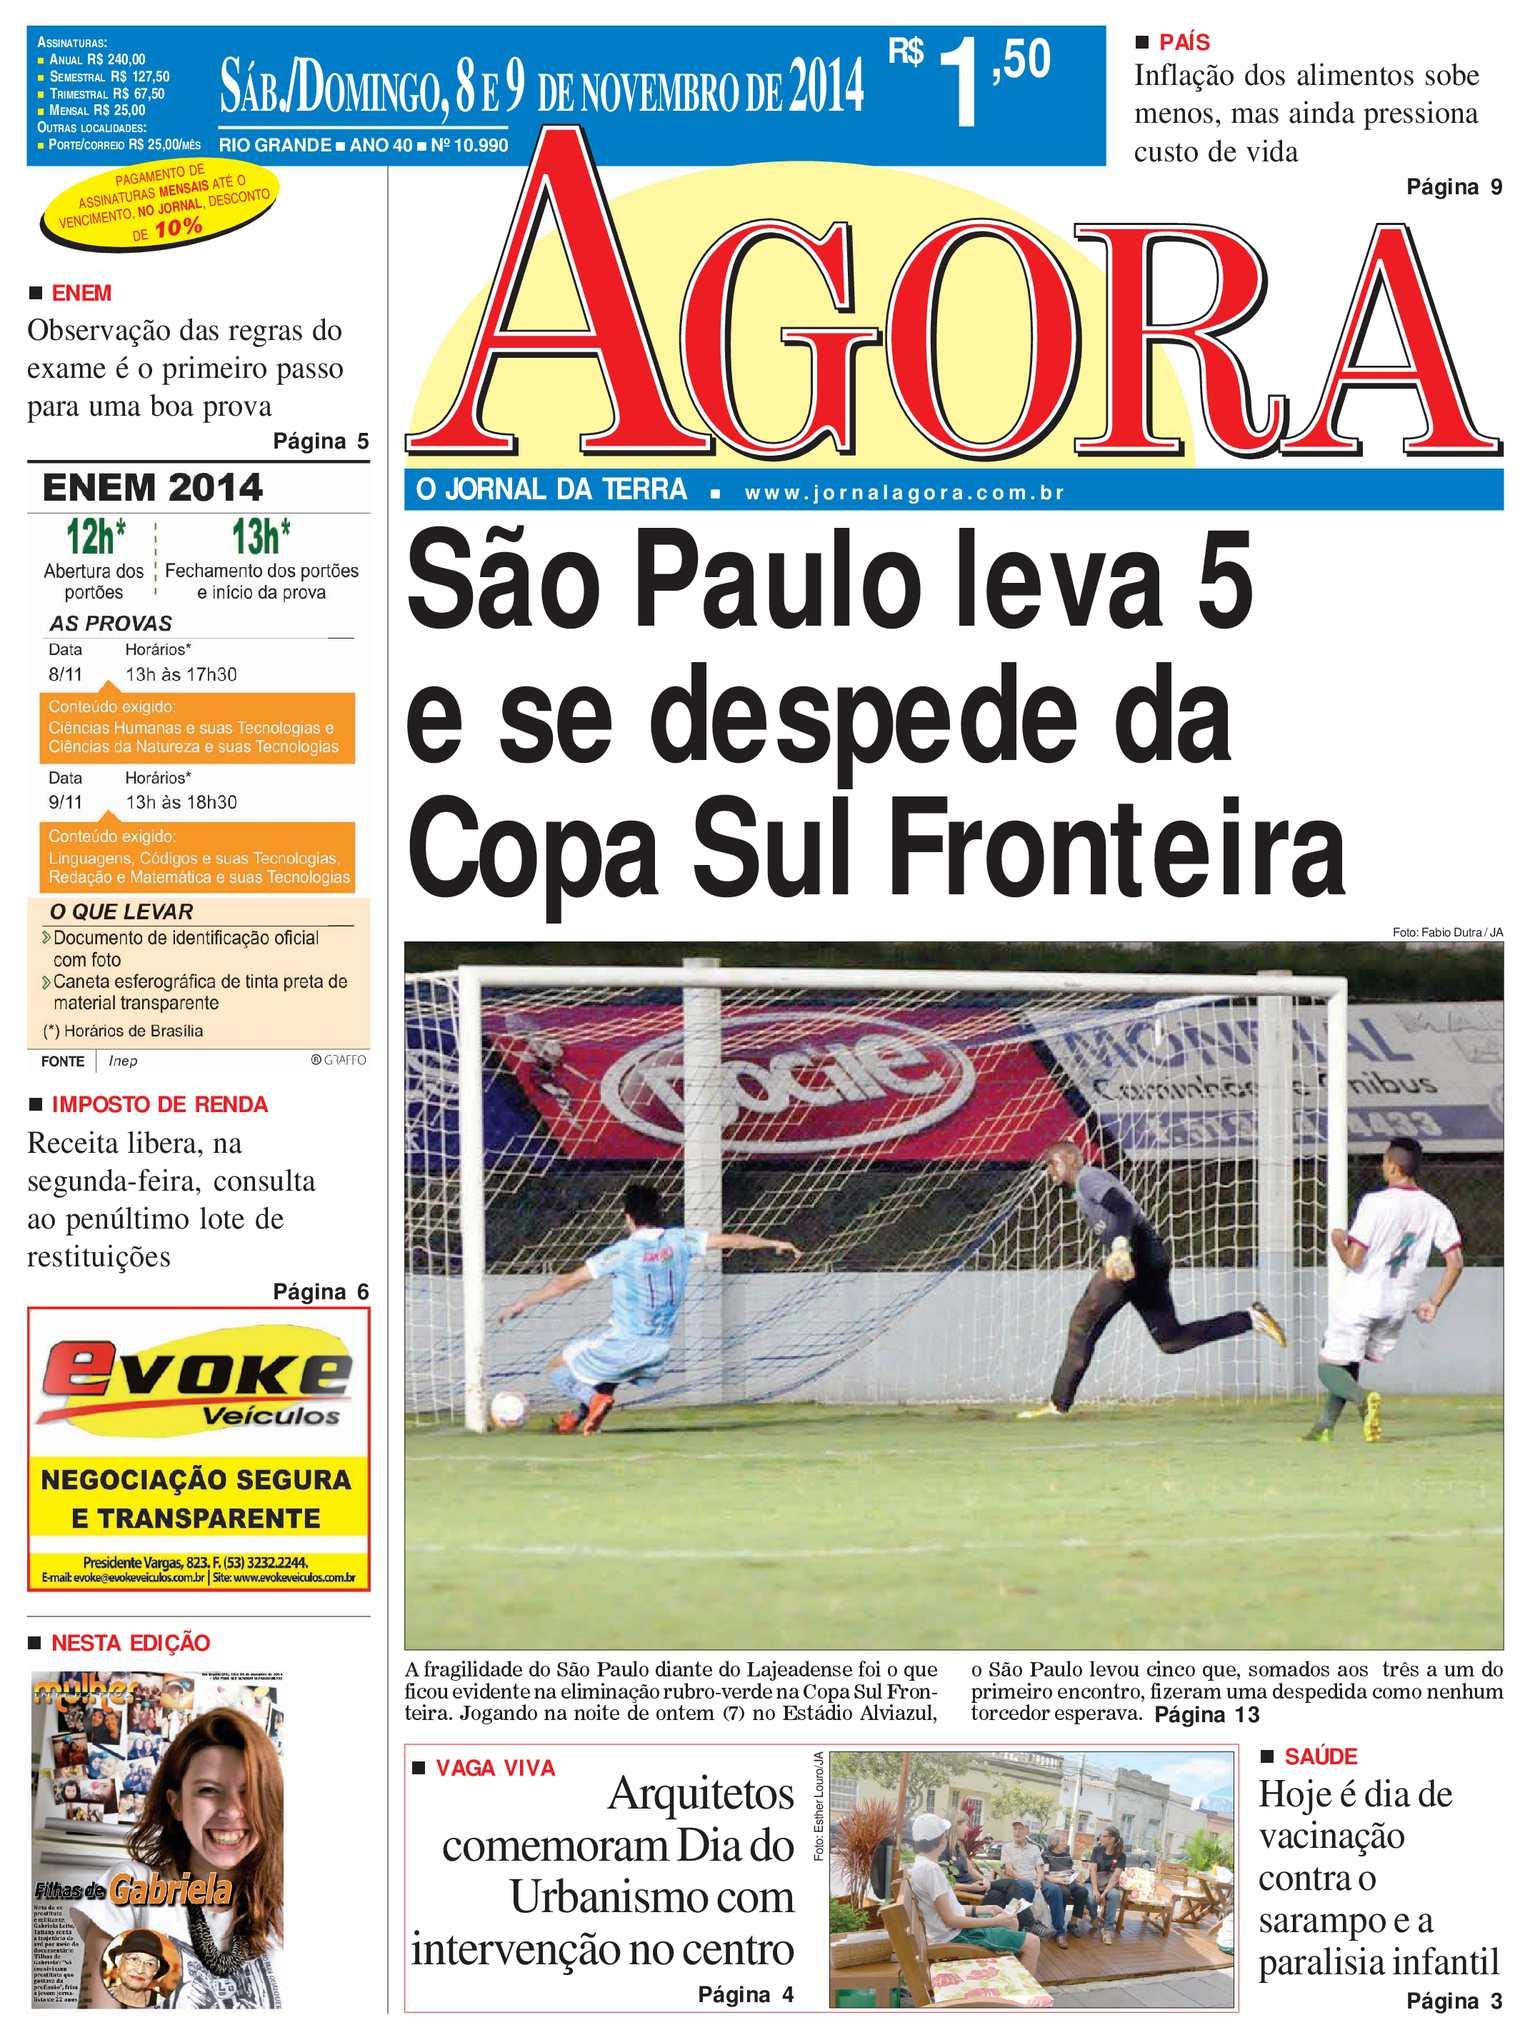 Calaméo - Jornal Agora - Edição 10990 - 8 e 9 de novembro de 2014 7cd2649c9b